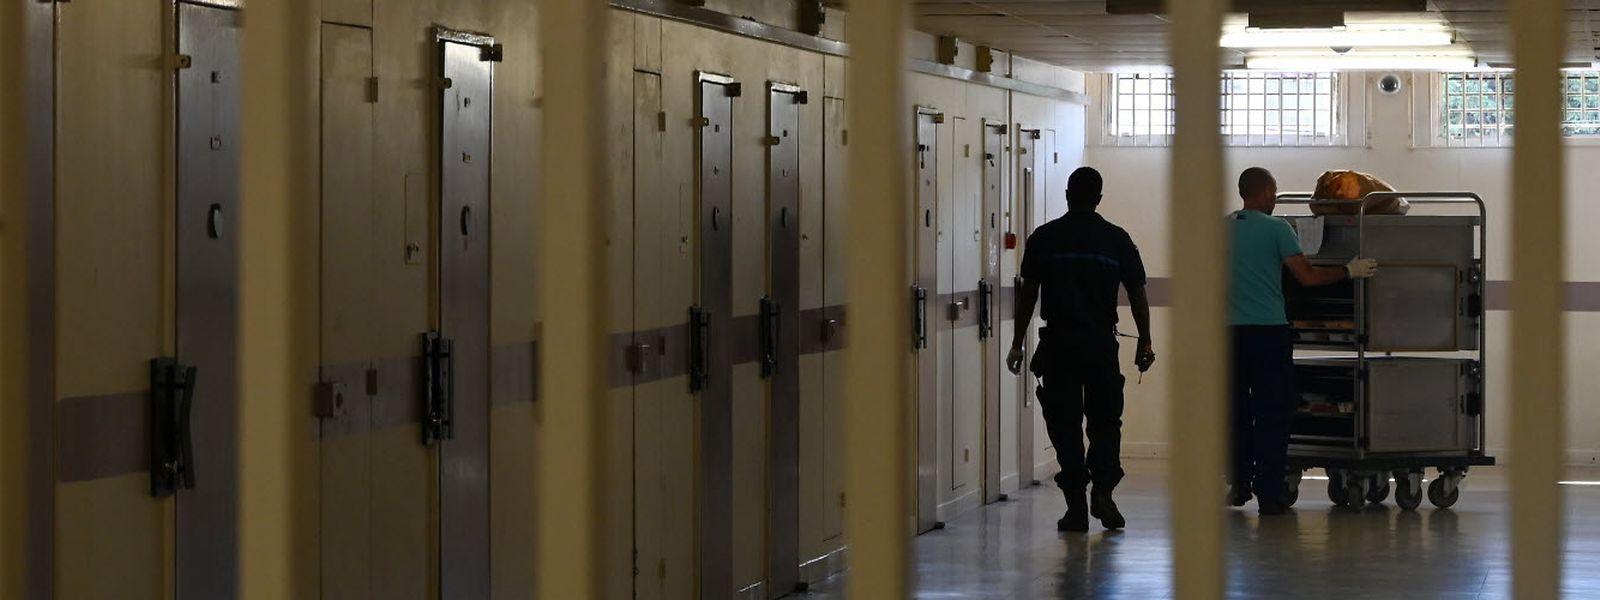 Derrière les barreaux, les détenus qui le souhaitent pourront apprendre les bases de la menuiserie, de la restauration ou du maraîchage.